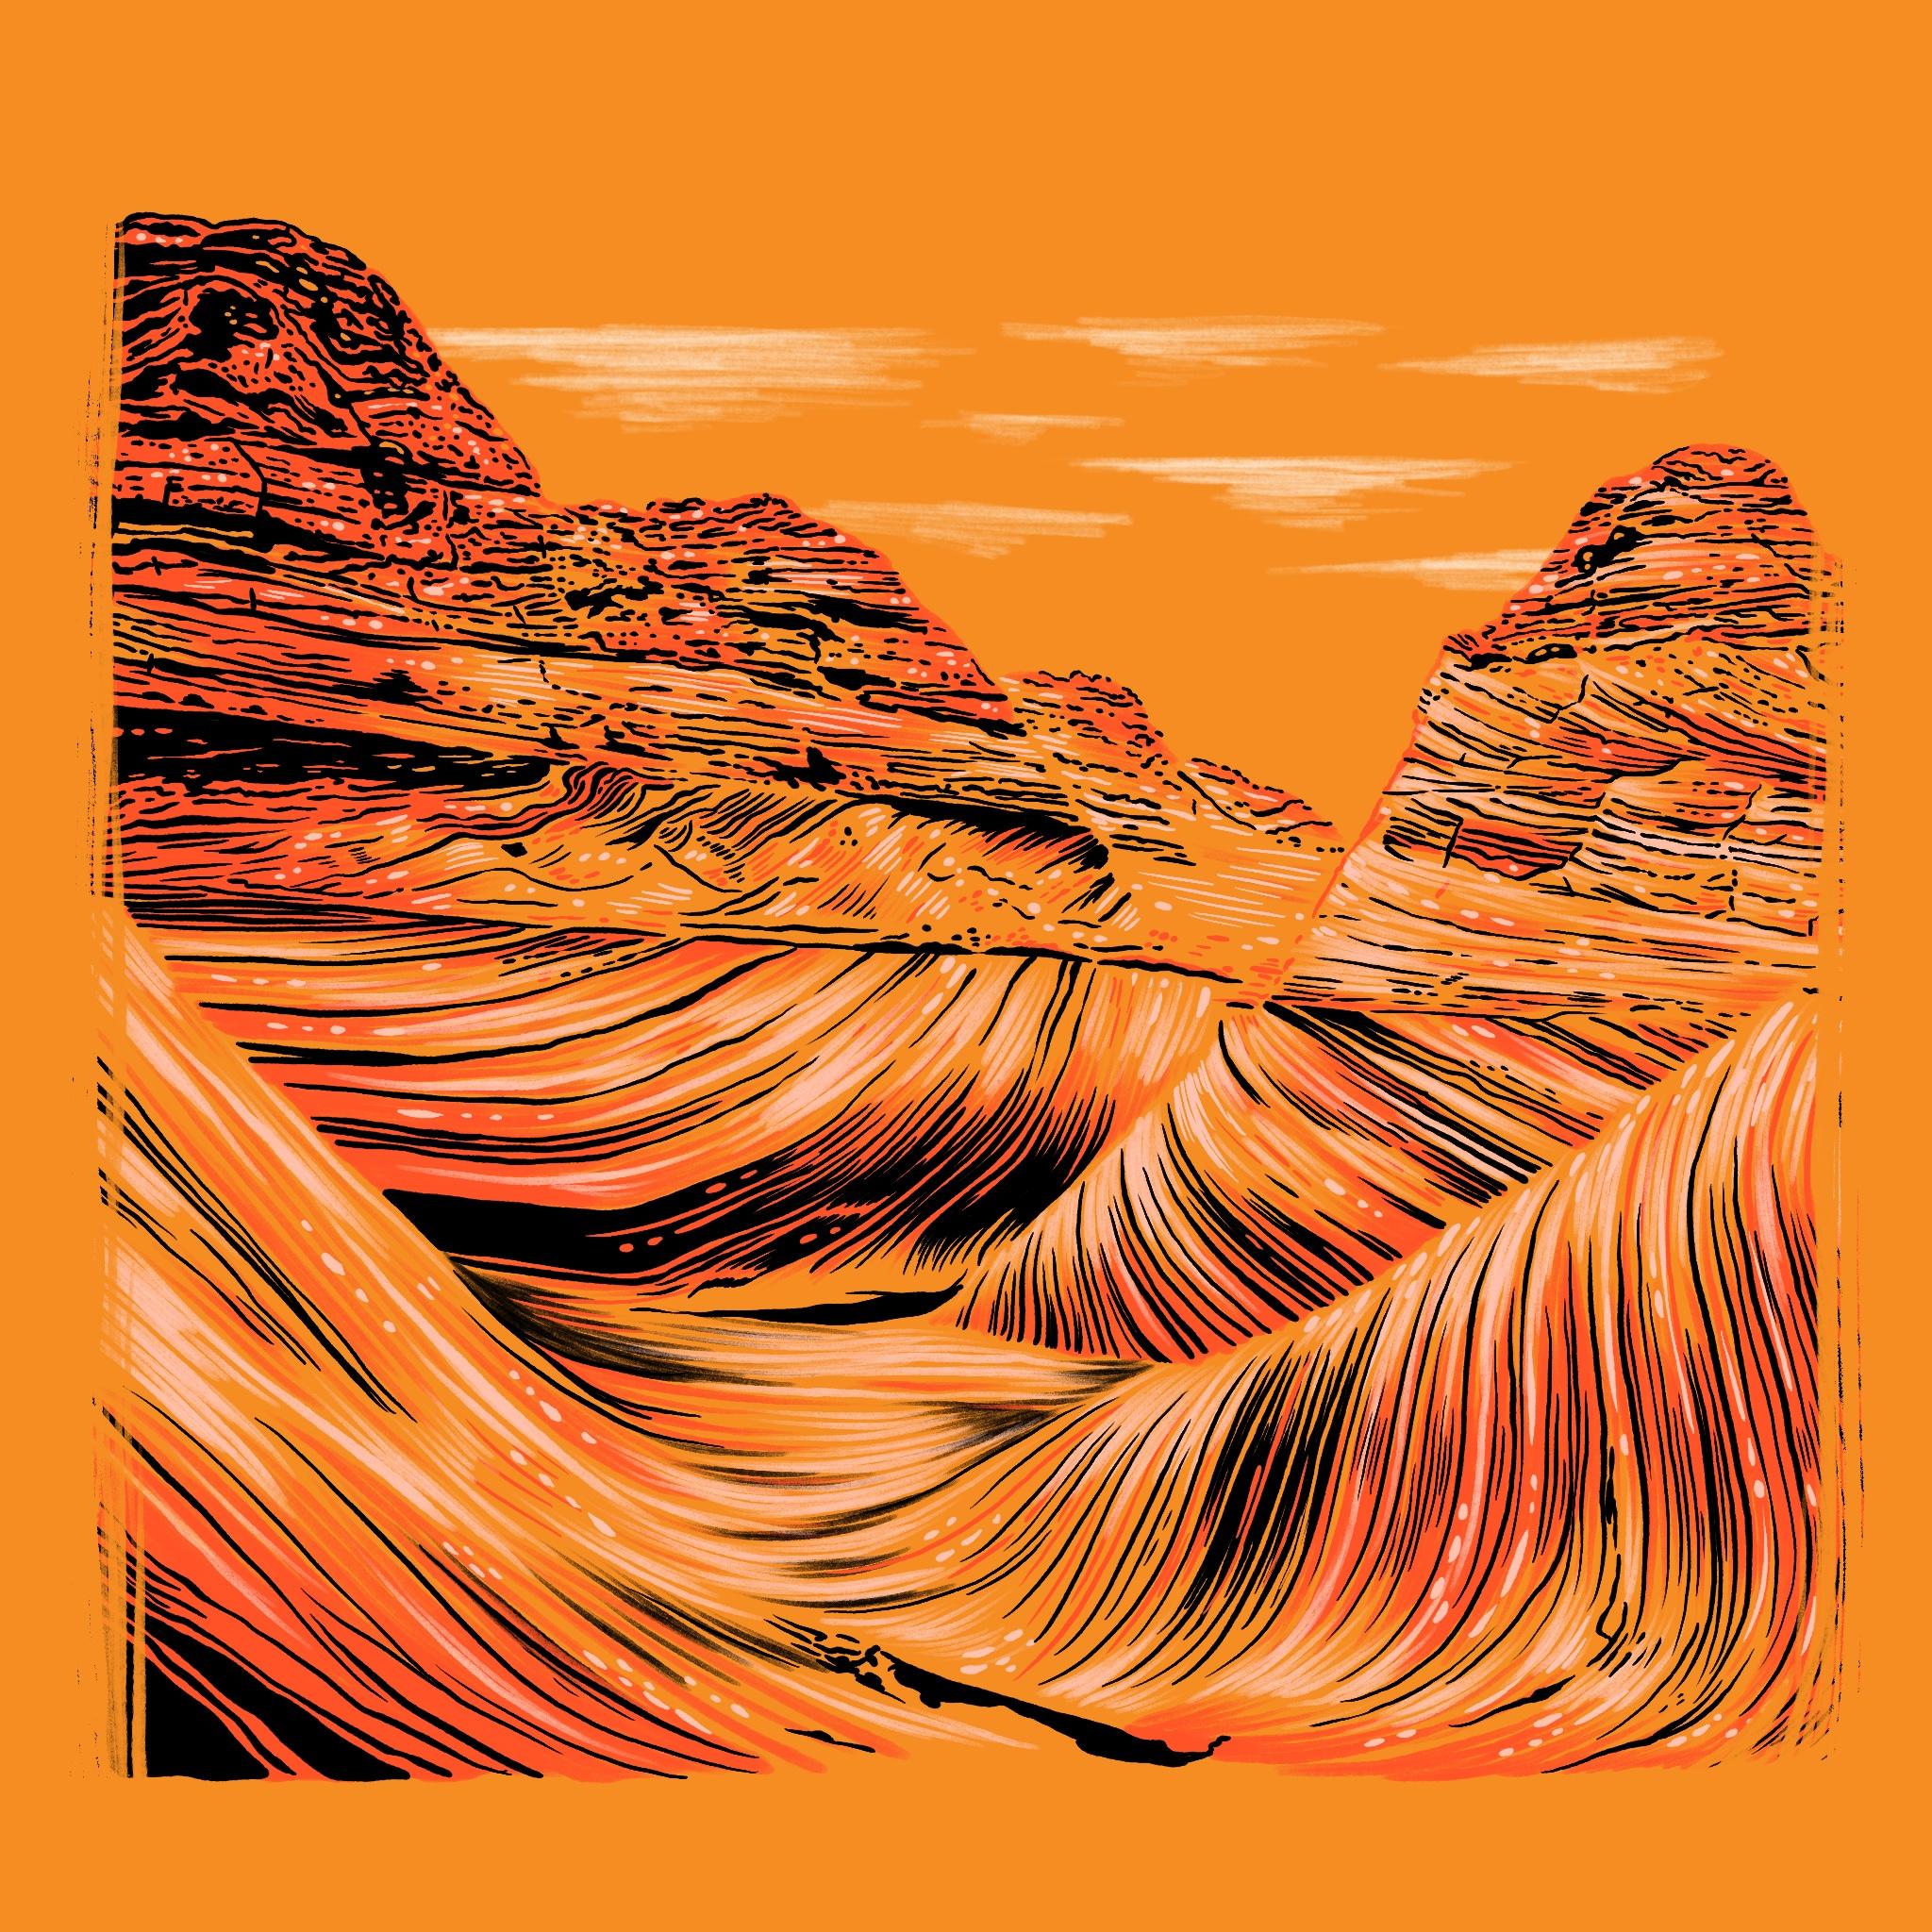 Arizona by Andrea Rochelle